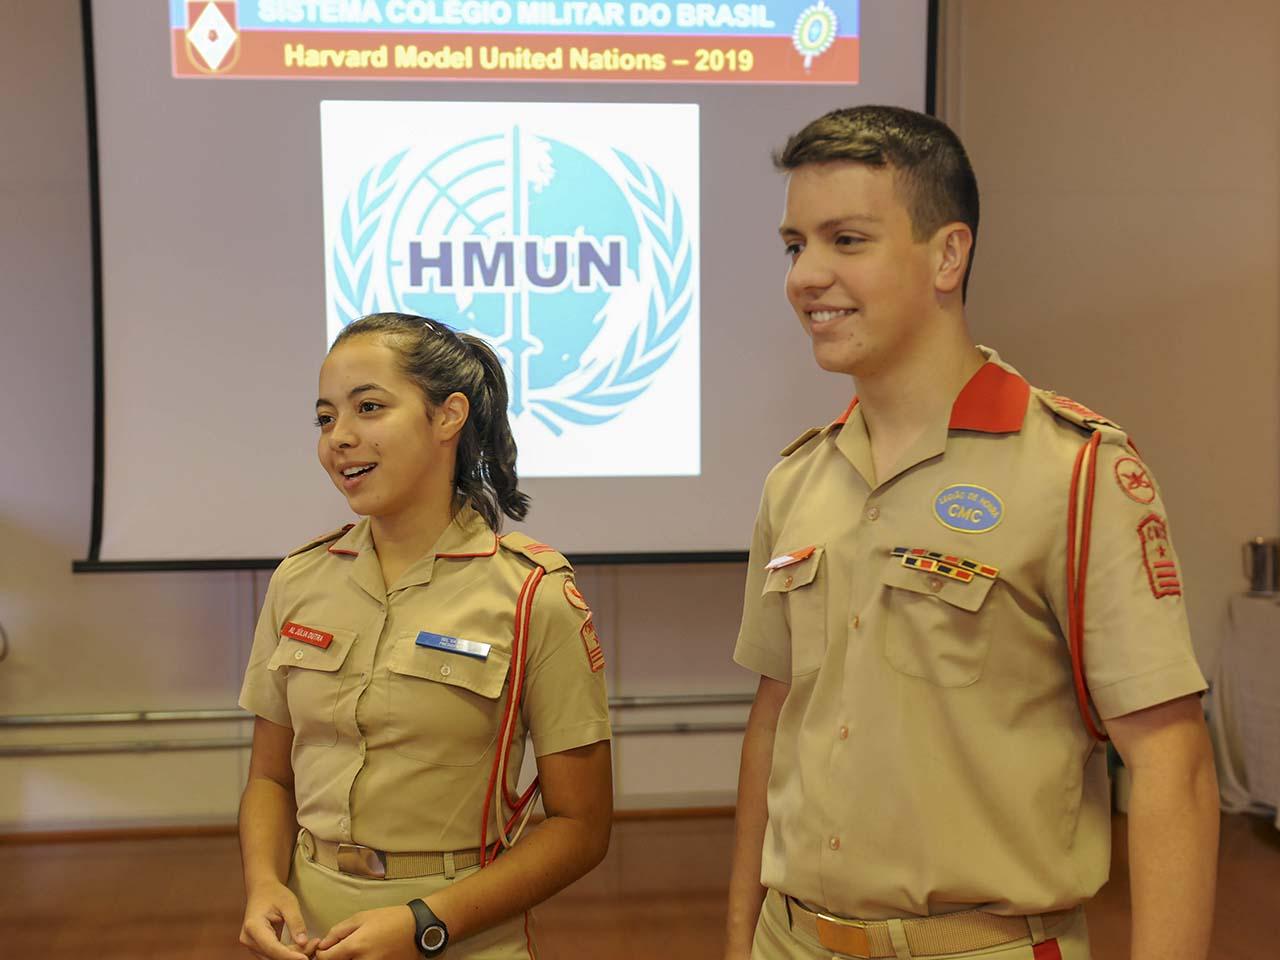 Nos Estados Unidos, alunos de Colégios Militares do Brasil participam de Simulação das Nações Unidas